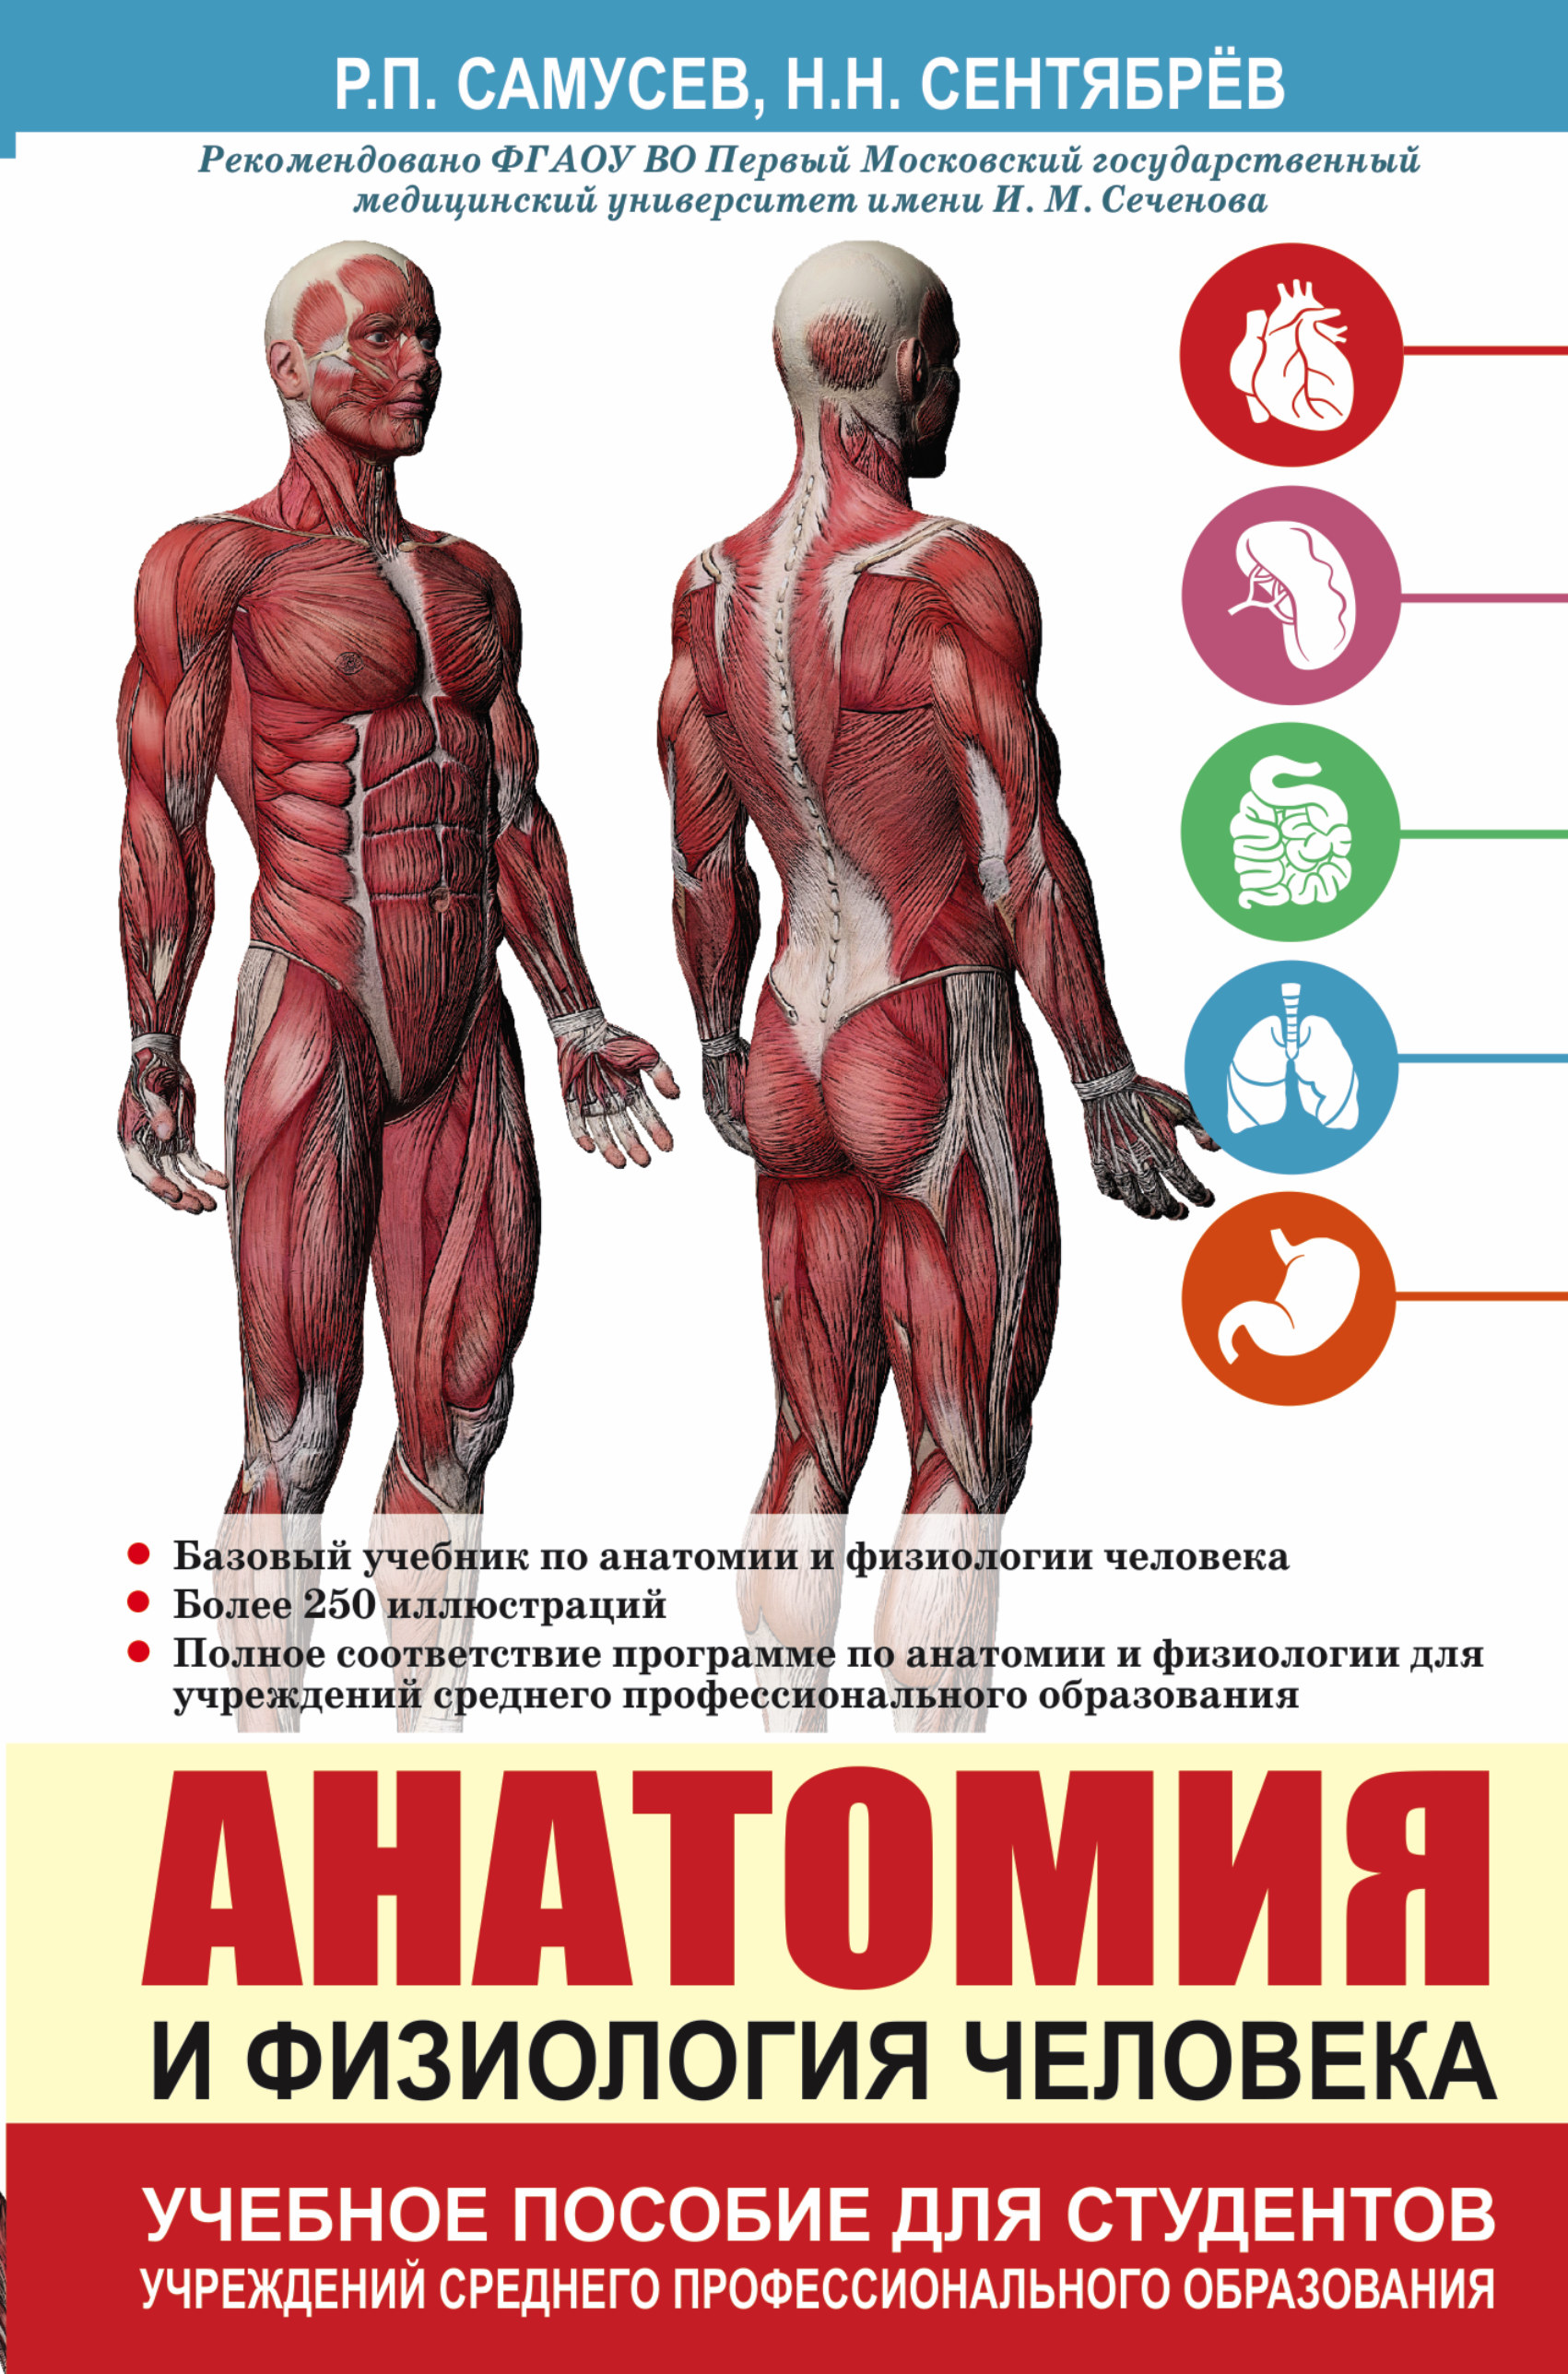 Анатомия и физиология человека. Учебное пособие для студентов учреждений среднего профессионального образования ( Самусев Р.П., Сентябрев Н.Н.  )